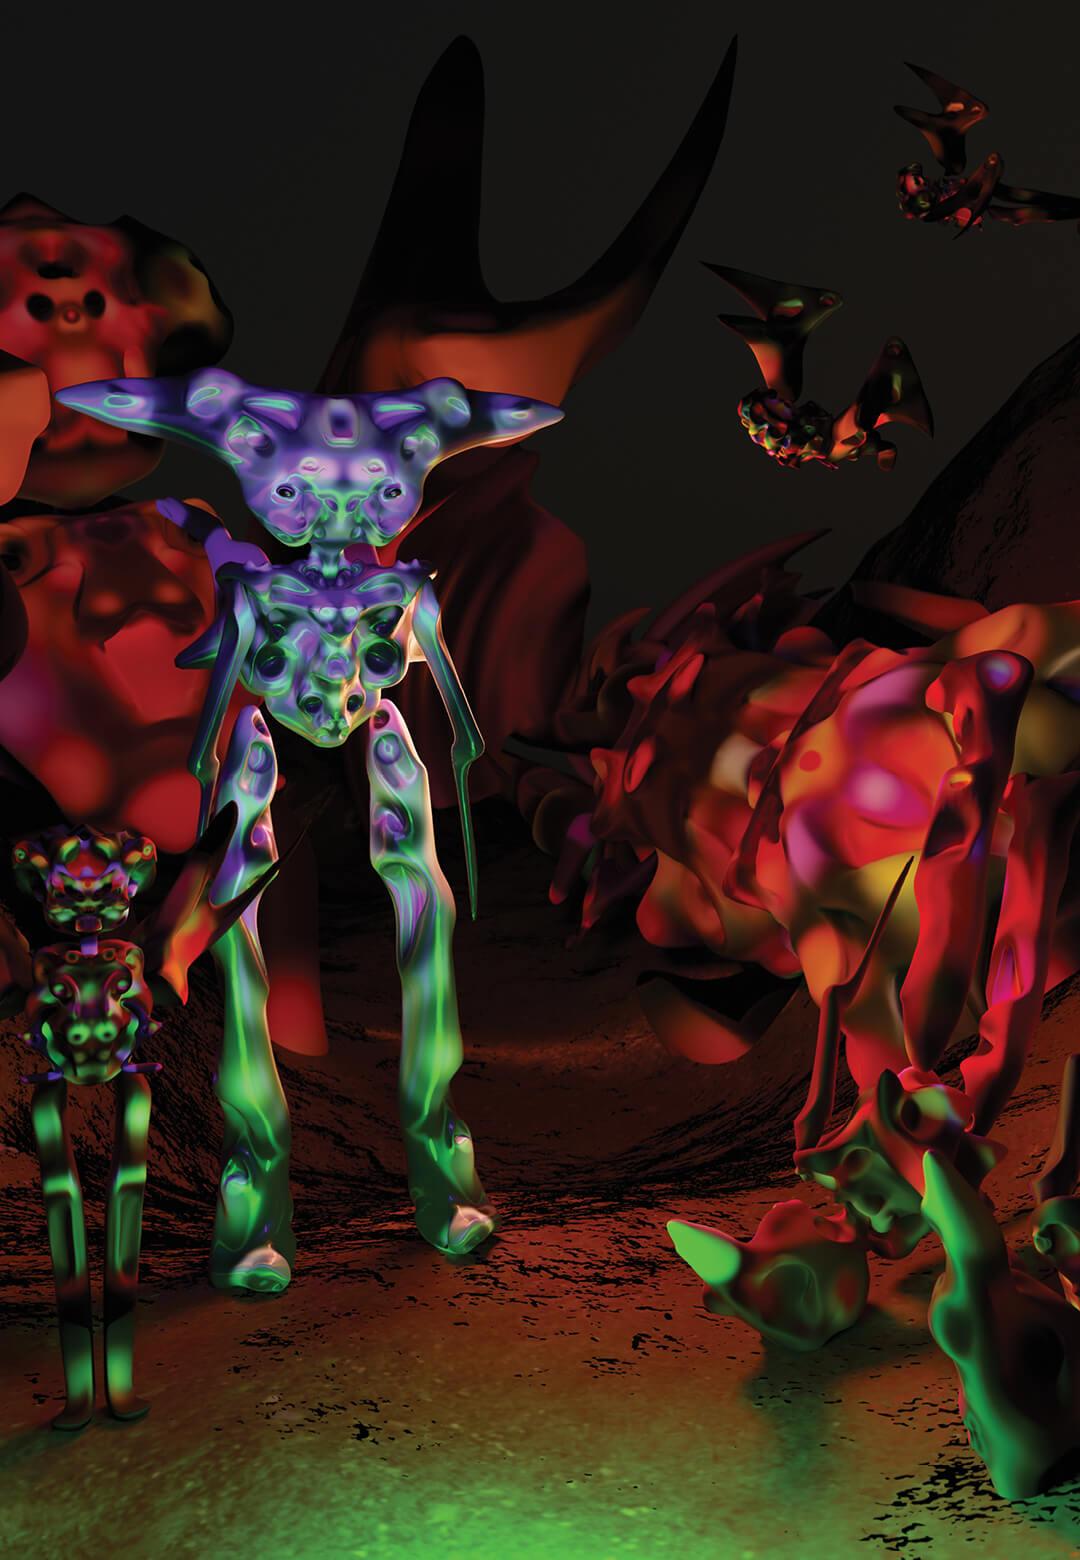 Arrival, a piece that typifies much of Massan's vivid artistry | Gabriel Massan | STIRworld